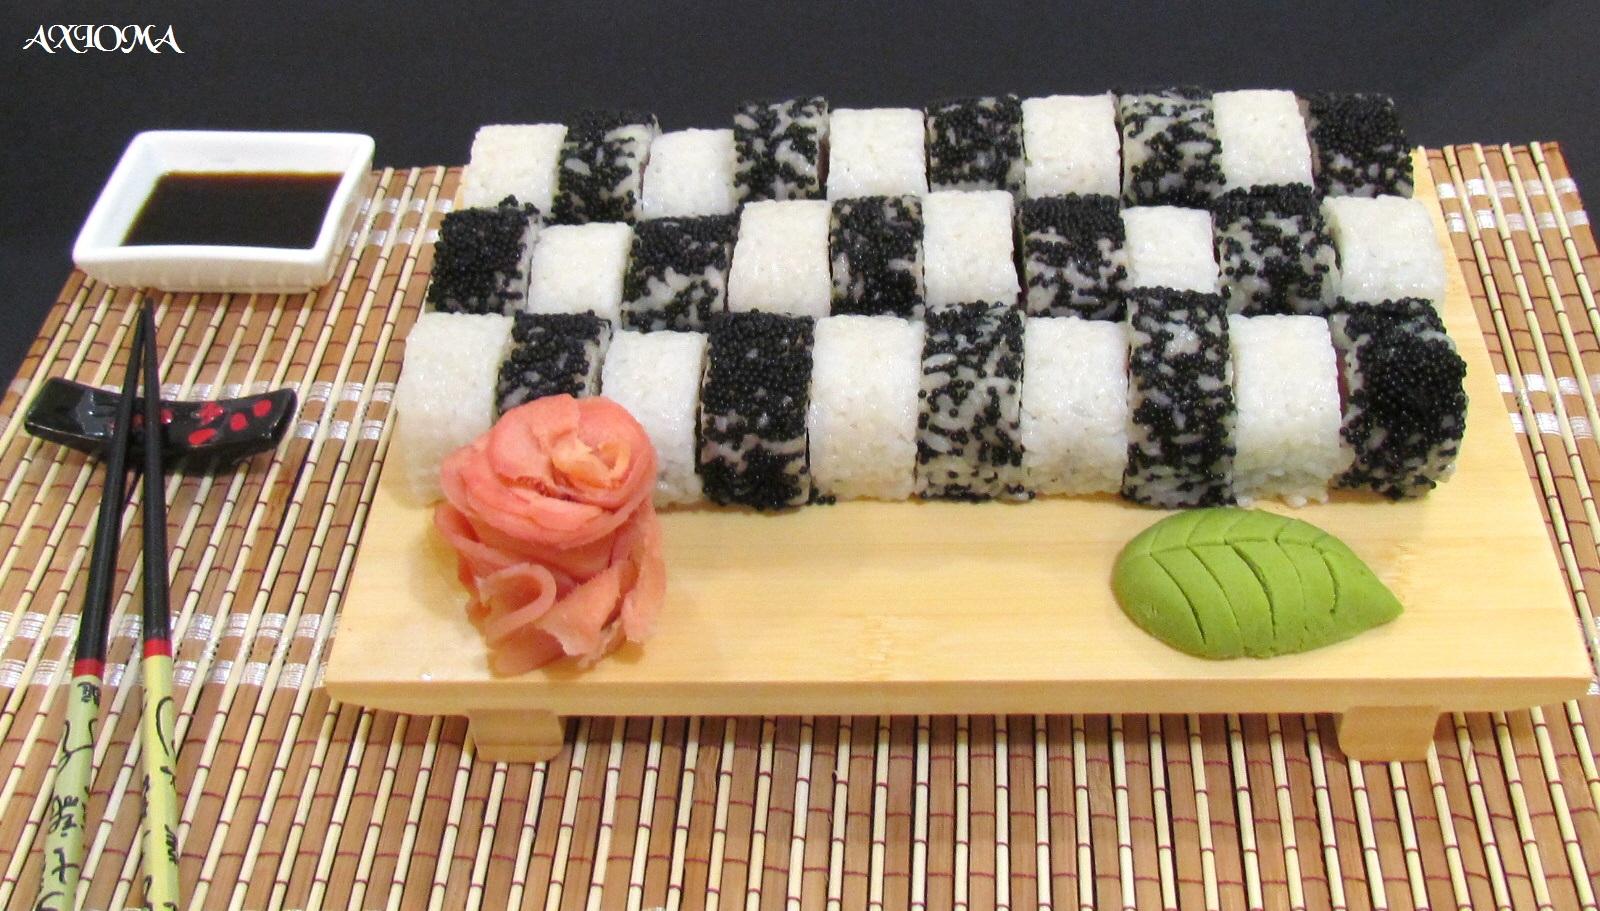 Готовим суши в домашних условиях В домашних условиях 70